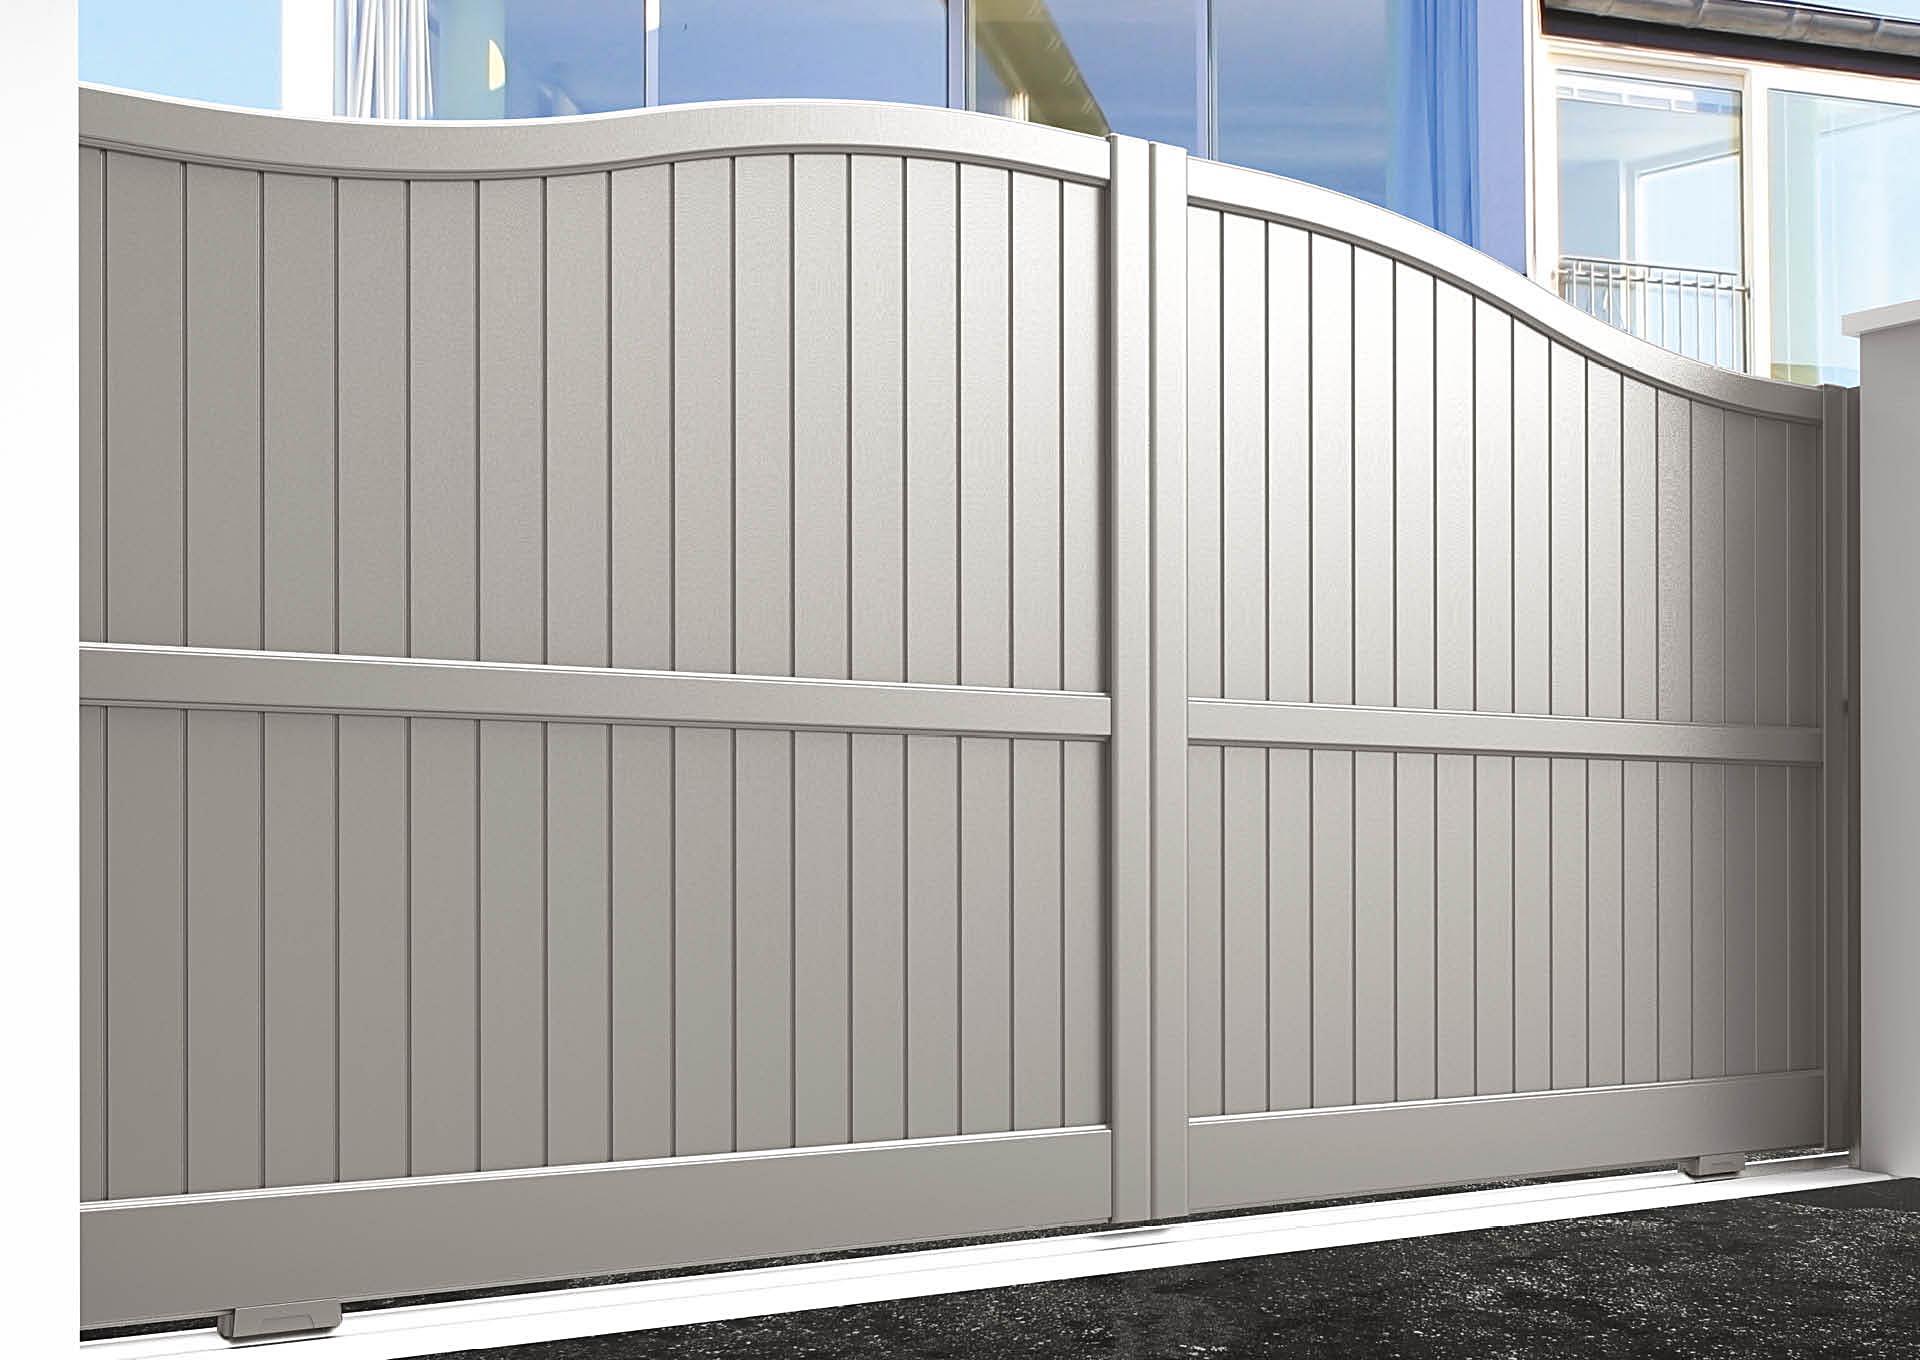 Portail coulissant aluminium Lames verticales 100 mm + traverse intermédiaire